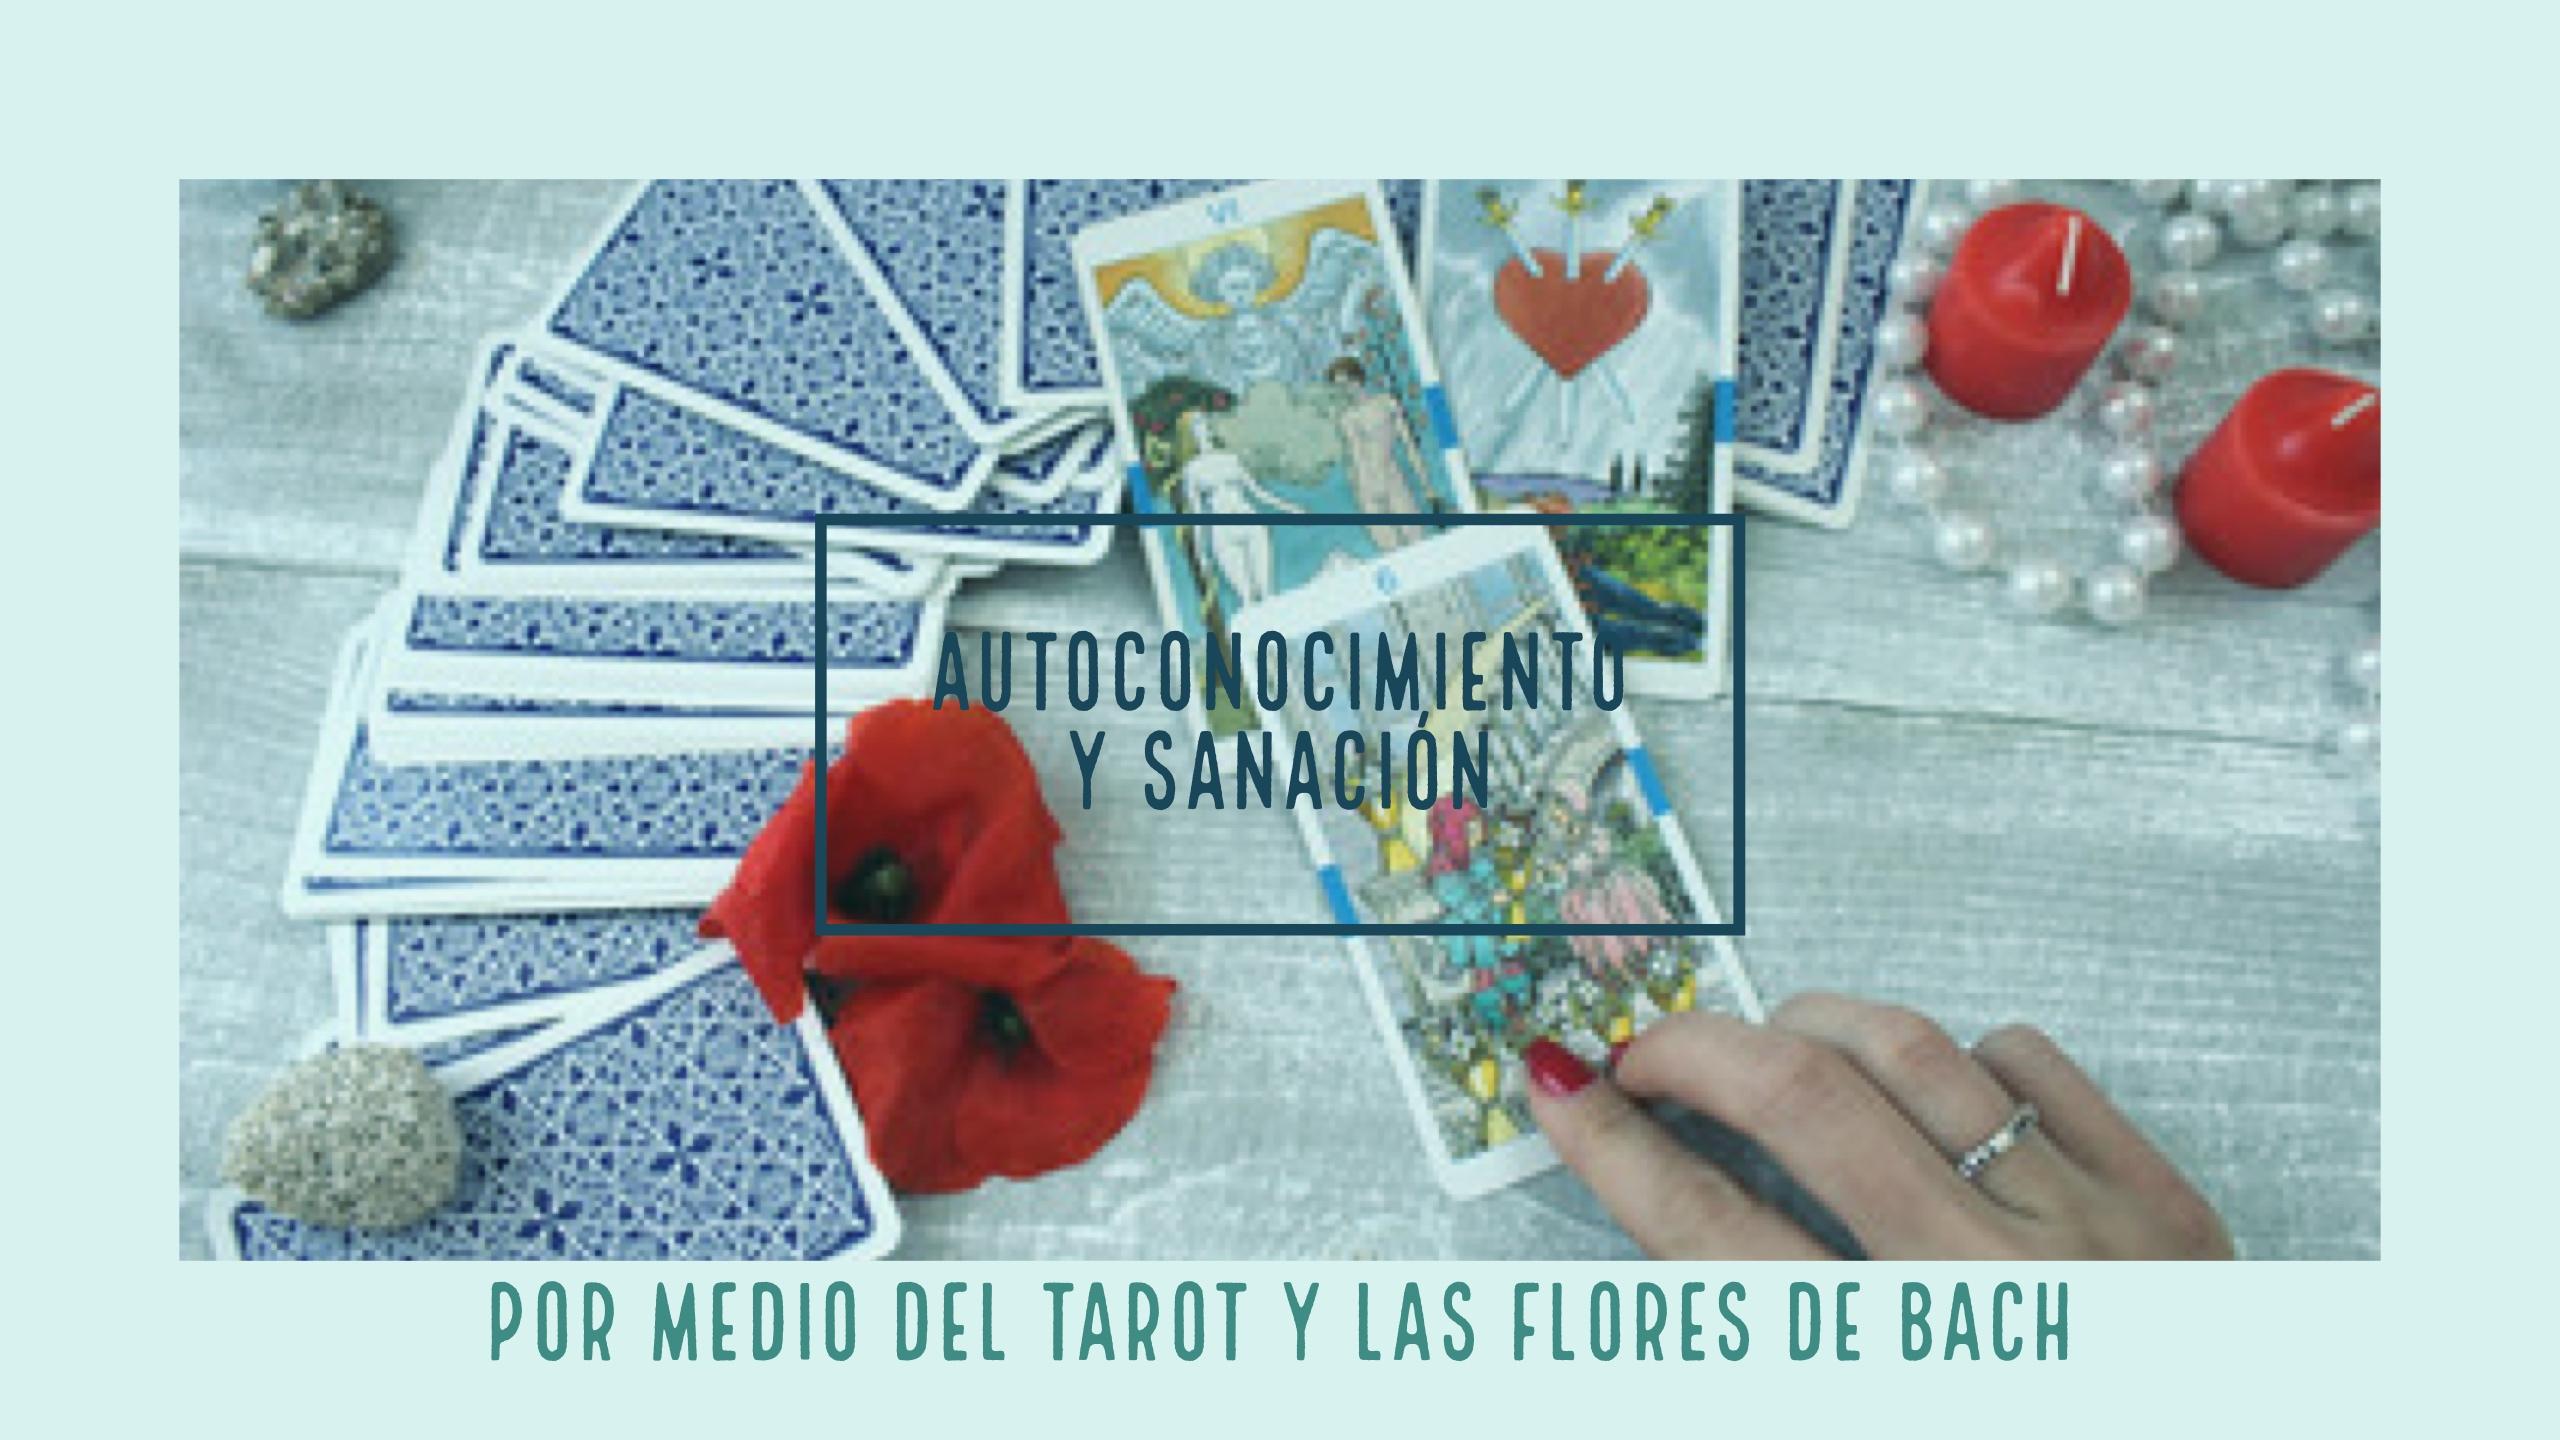 Autoconocimiento y sanación, Tarot, flores de Bach